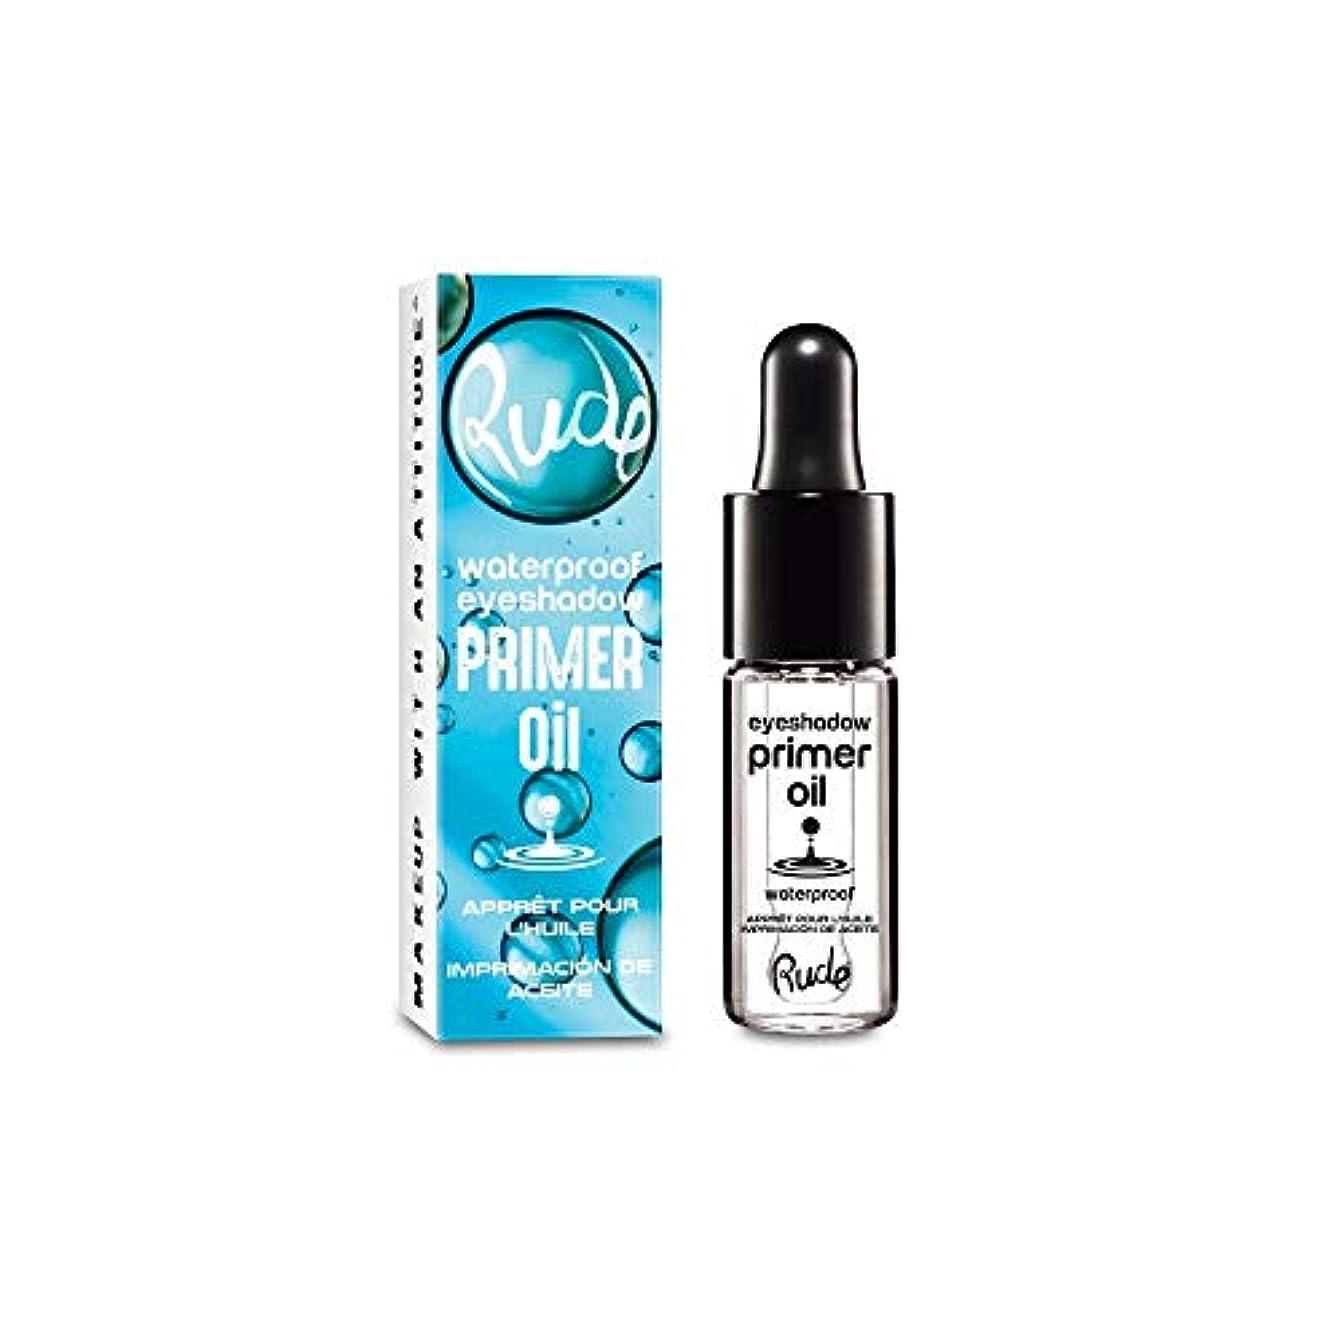 割れ目潤滑するご予約RUDE Waterproof Eyeshadow Primer Oil (並行輸入品)